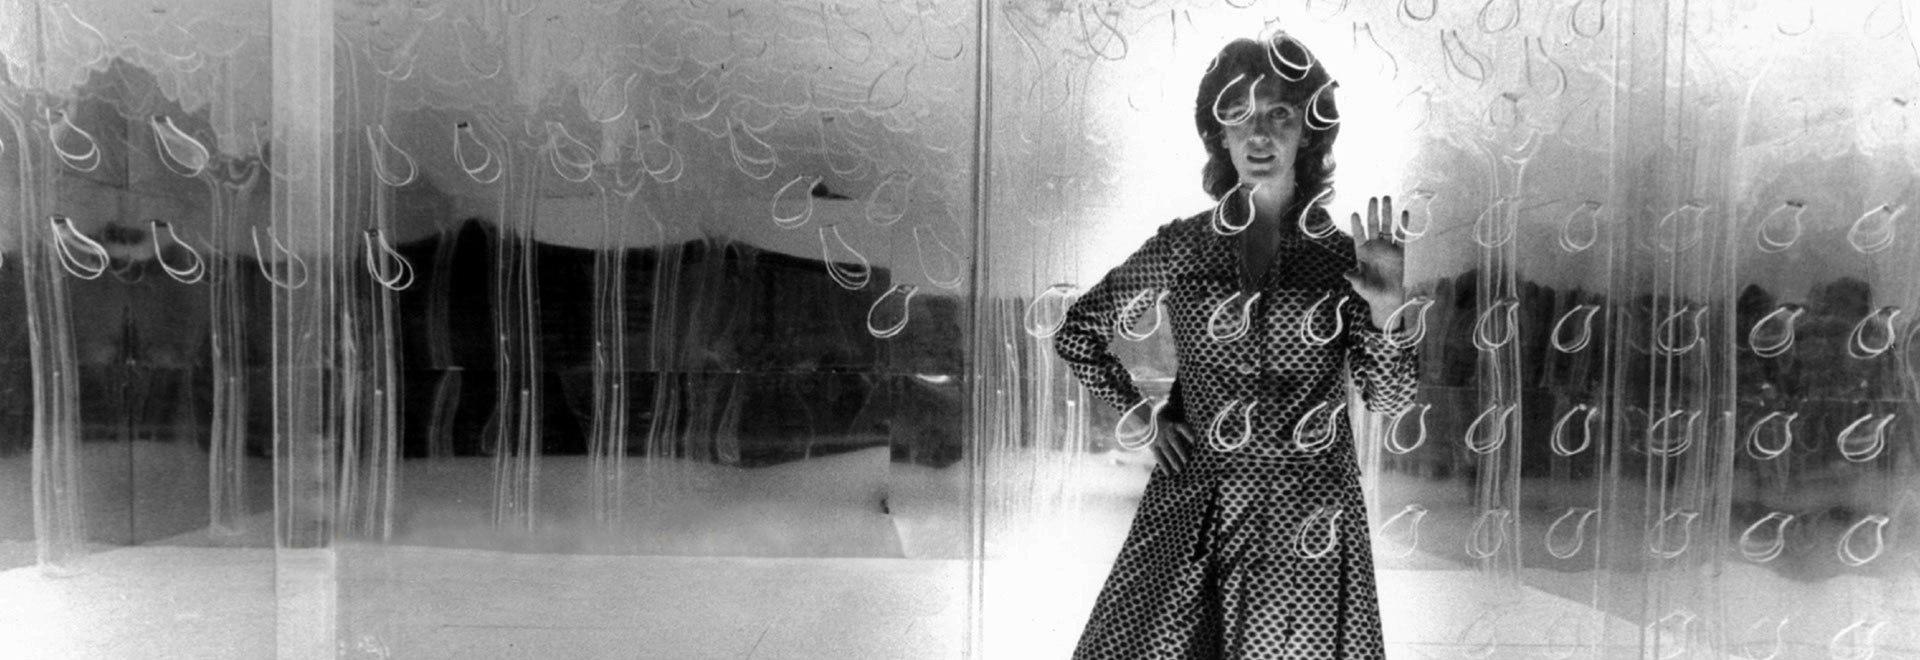 Donna di quadri - Graziella Lonardi Buontempo